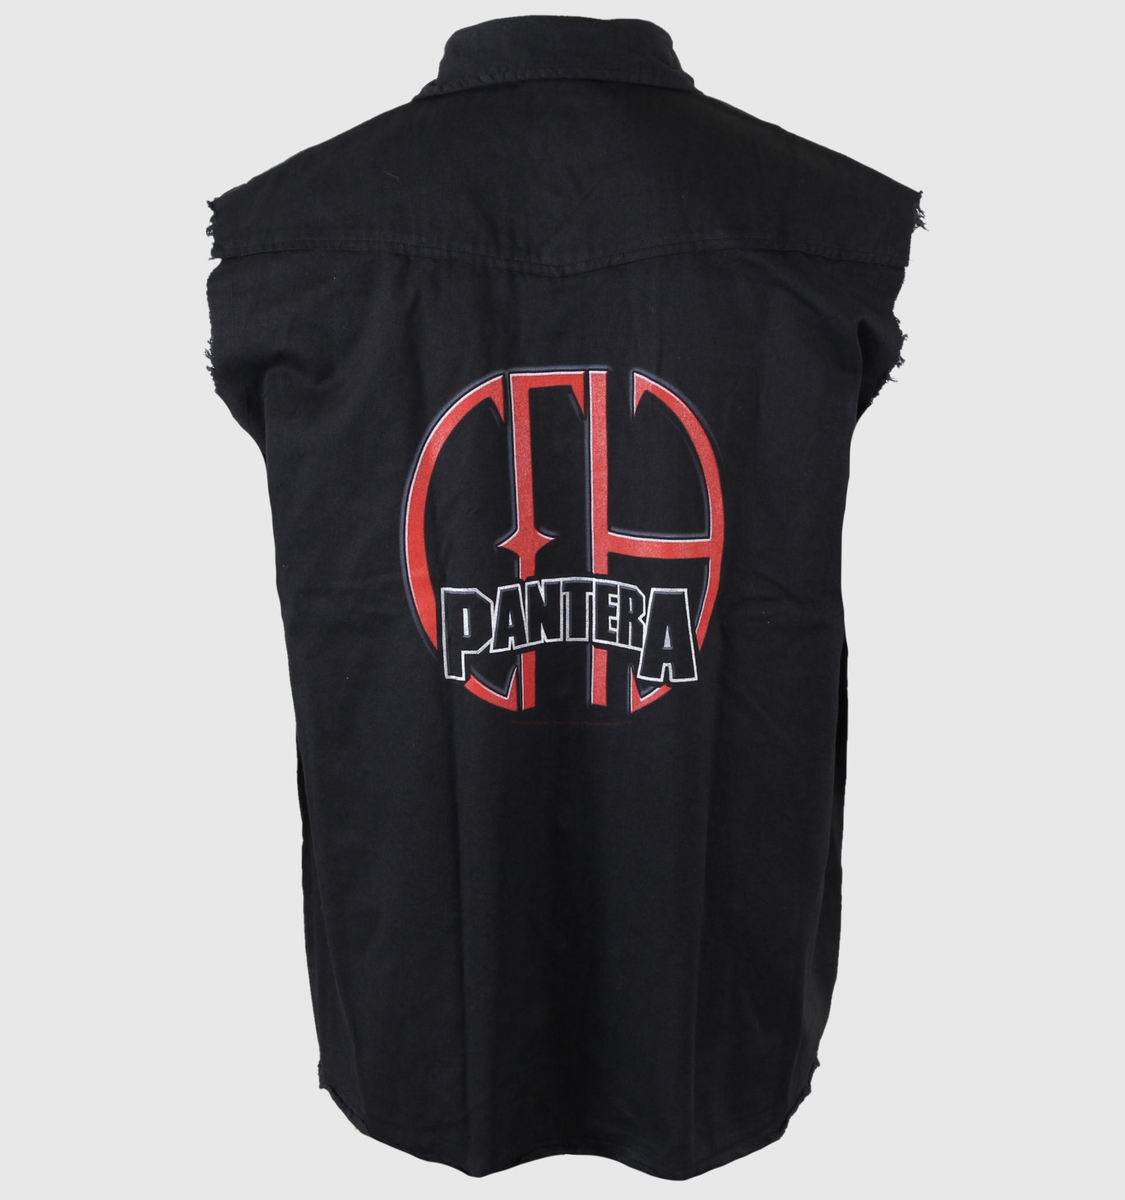 vesta pánská Pantera - C.F.H. - RAZAMATAZ - WS062